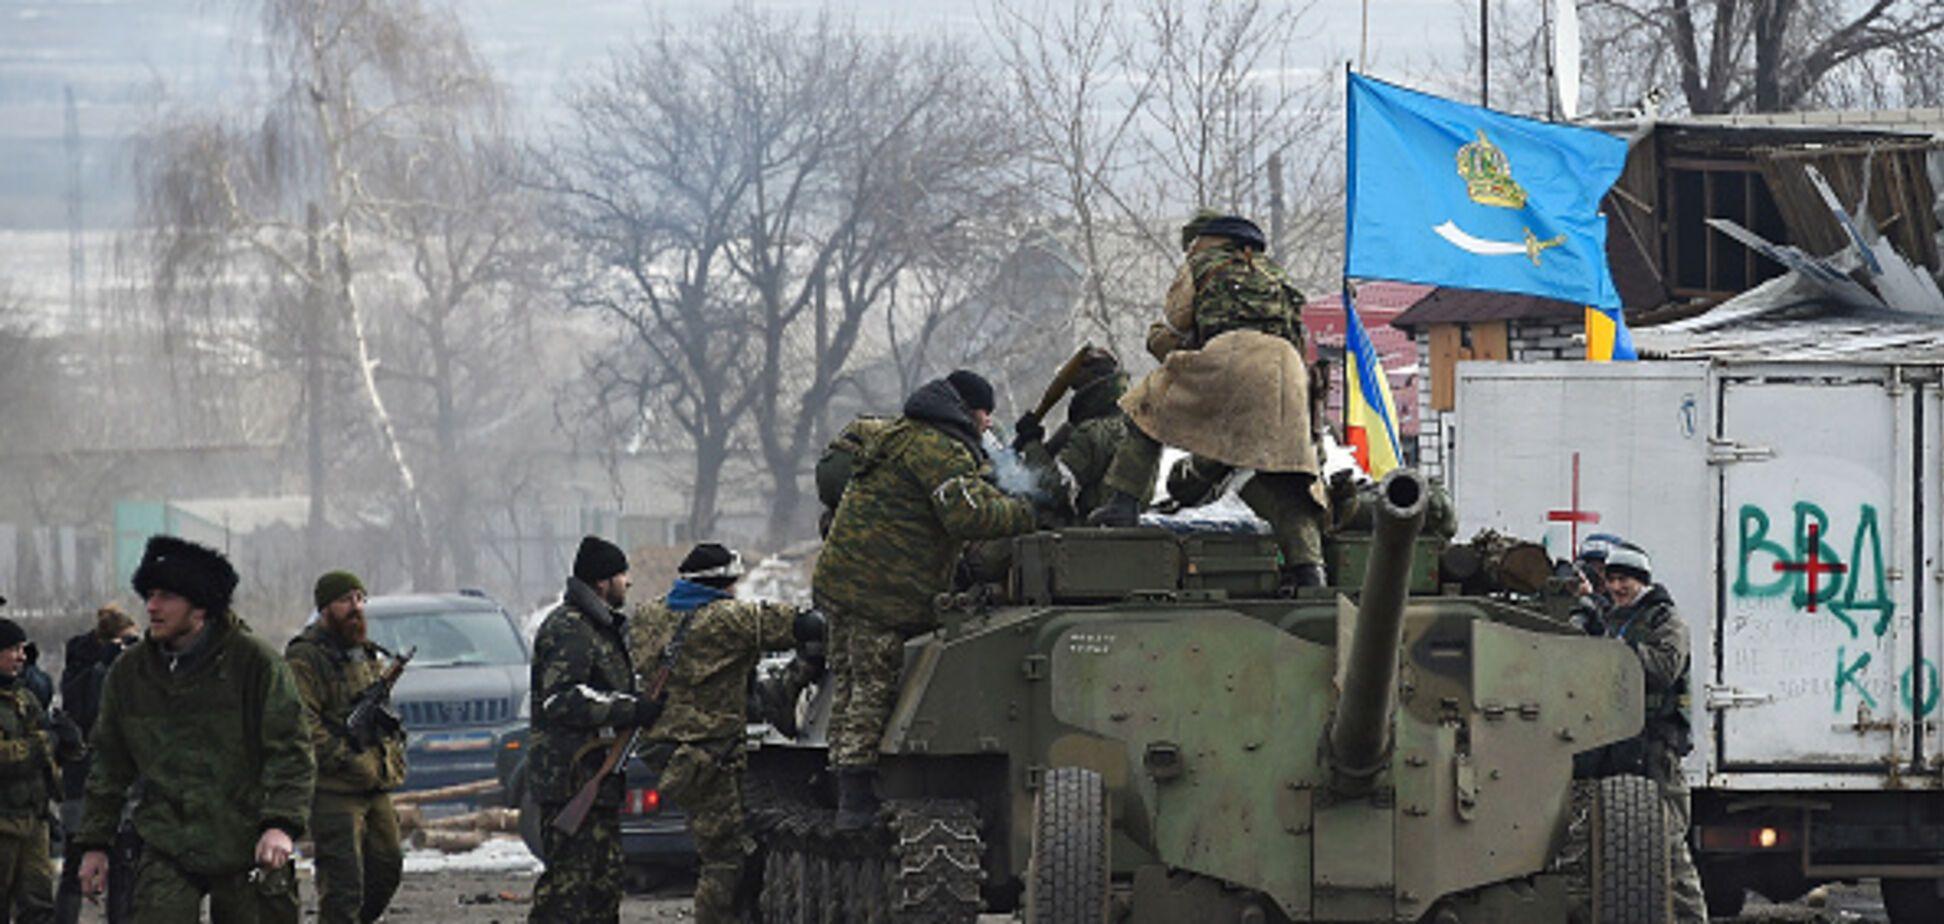 Стало відомо, скільки платять офіцерам із Росії за вбивство українських солдатів